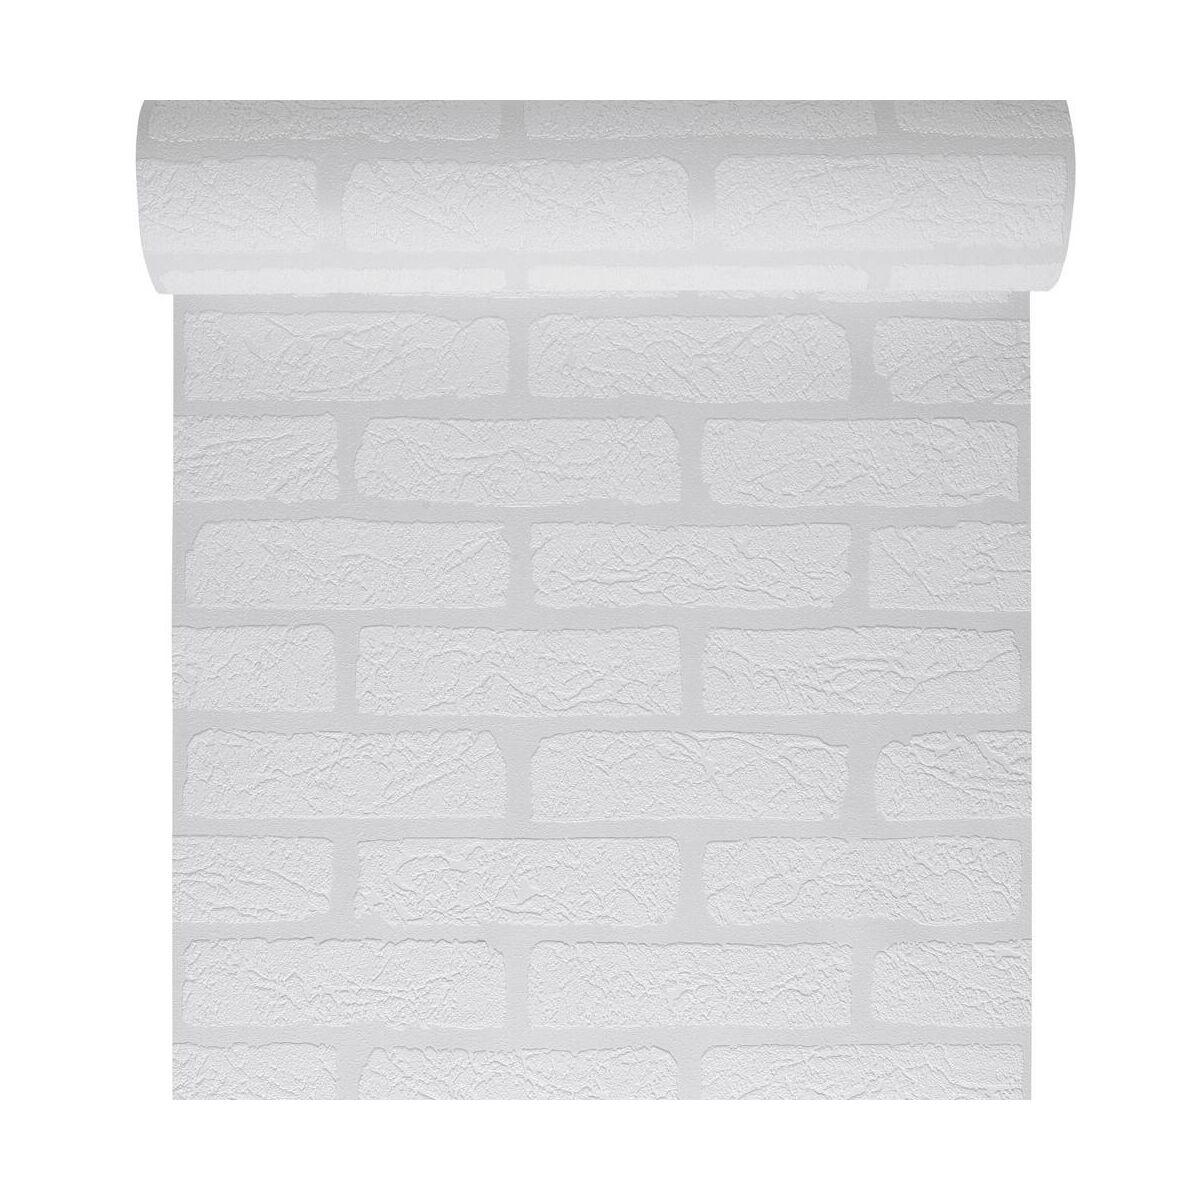 Tapeta mur rasch tapety dekoracyjne w atrakcyjnej cenie w sklepach leroy - Leroy merlin isolation mur ...